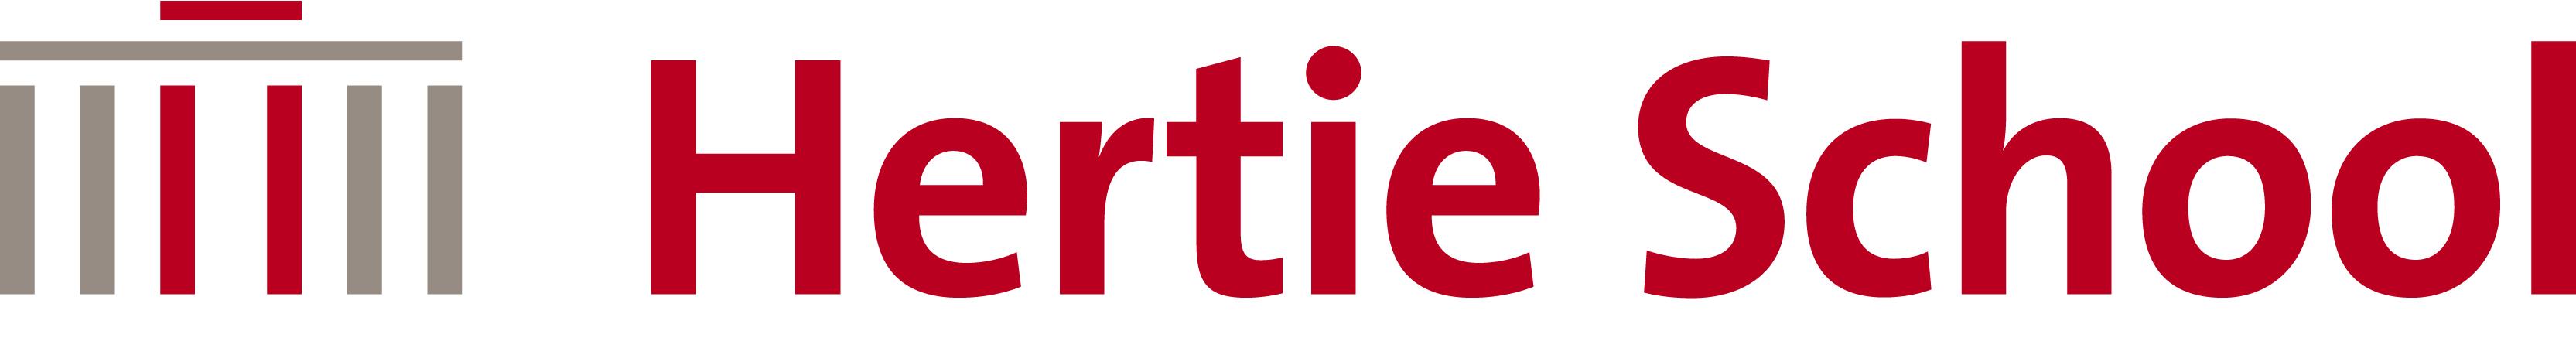 Hertie School of Governance Moodle